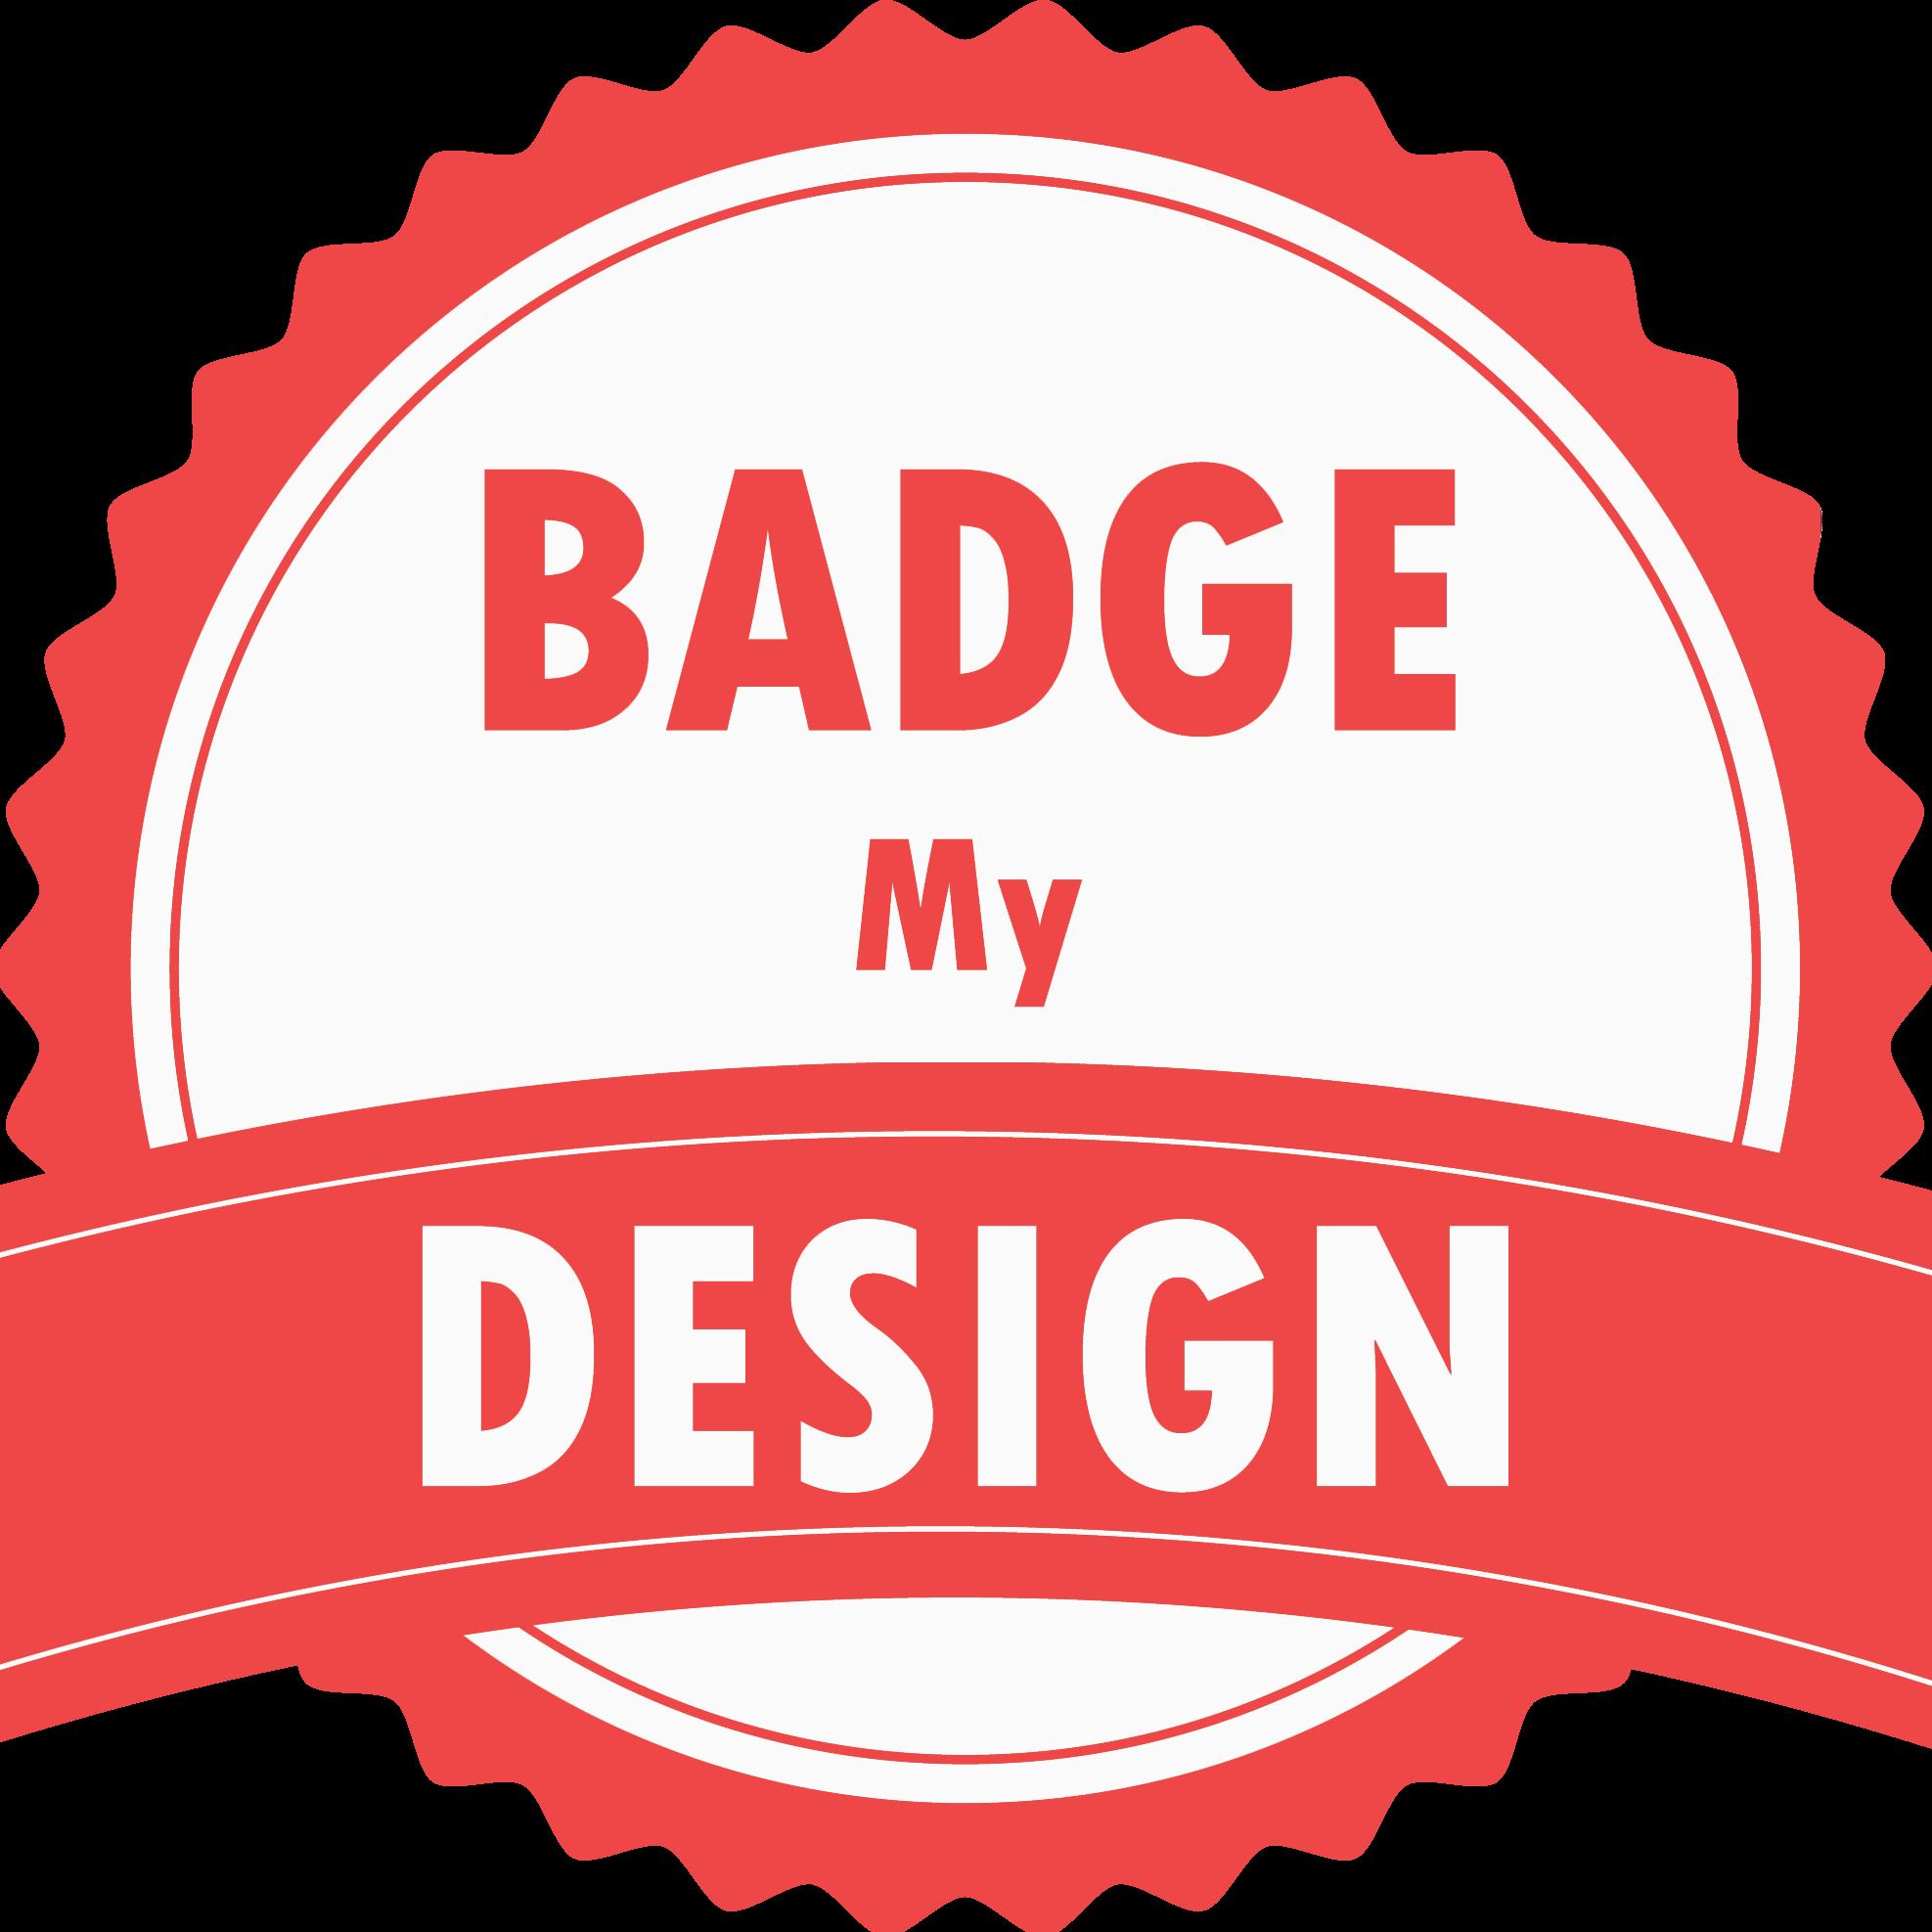 open badges design template and tips emblem badge design